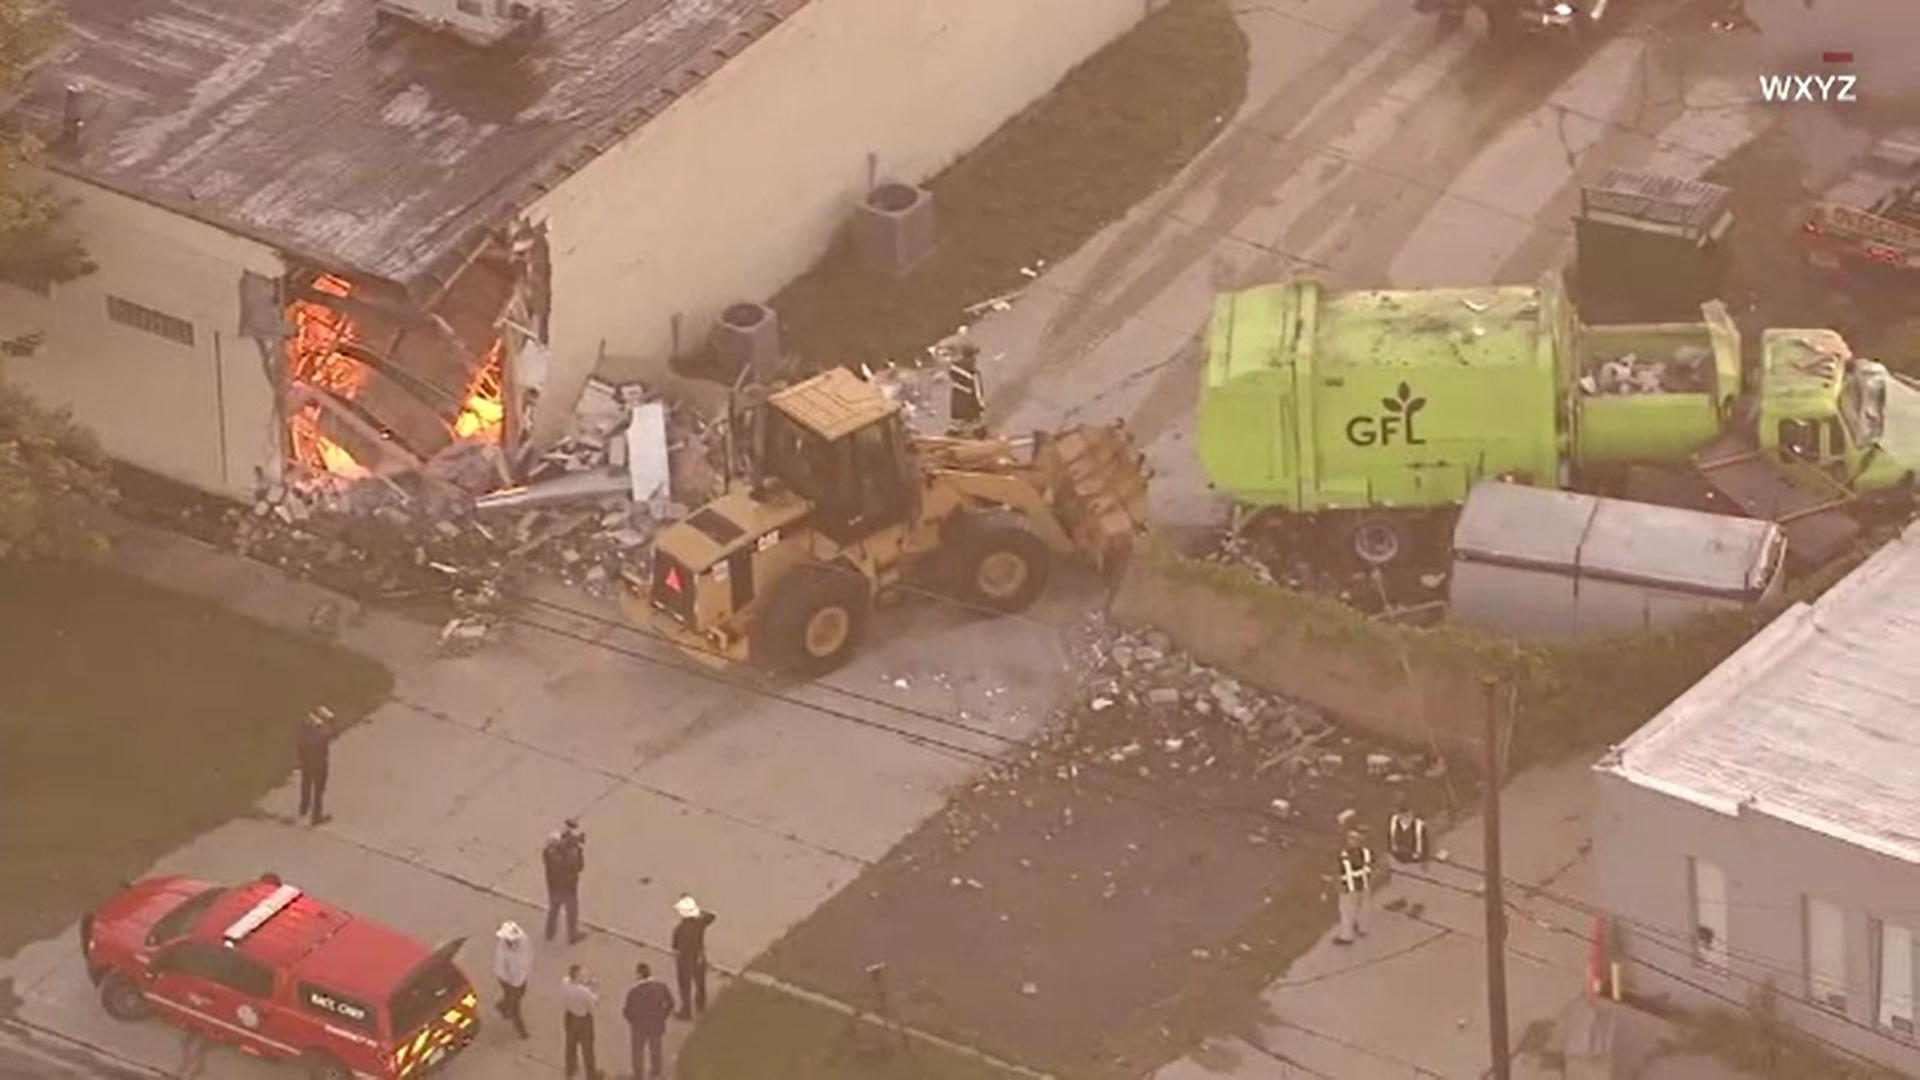 Un camion de gunoi a intrat într-o clădire și a distrus o porțiune. Accidentul a scos la iveală un secret